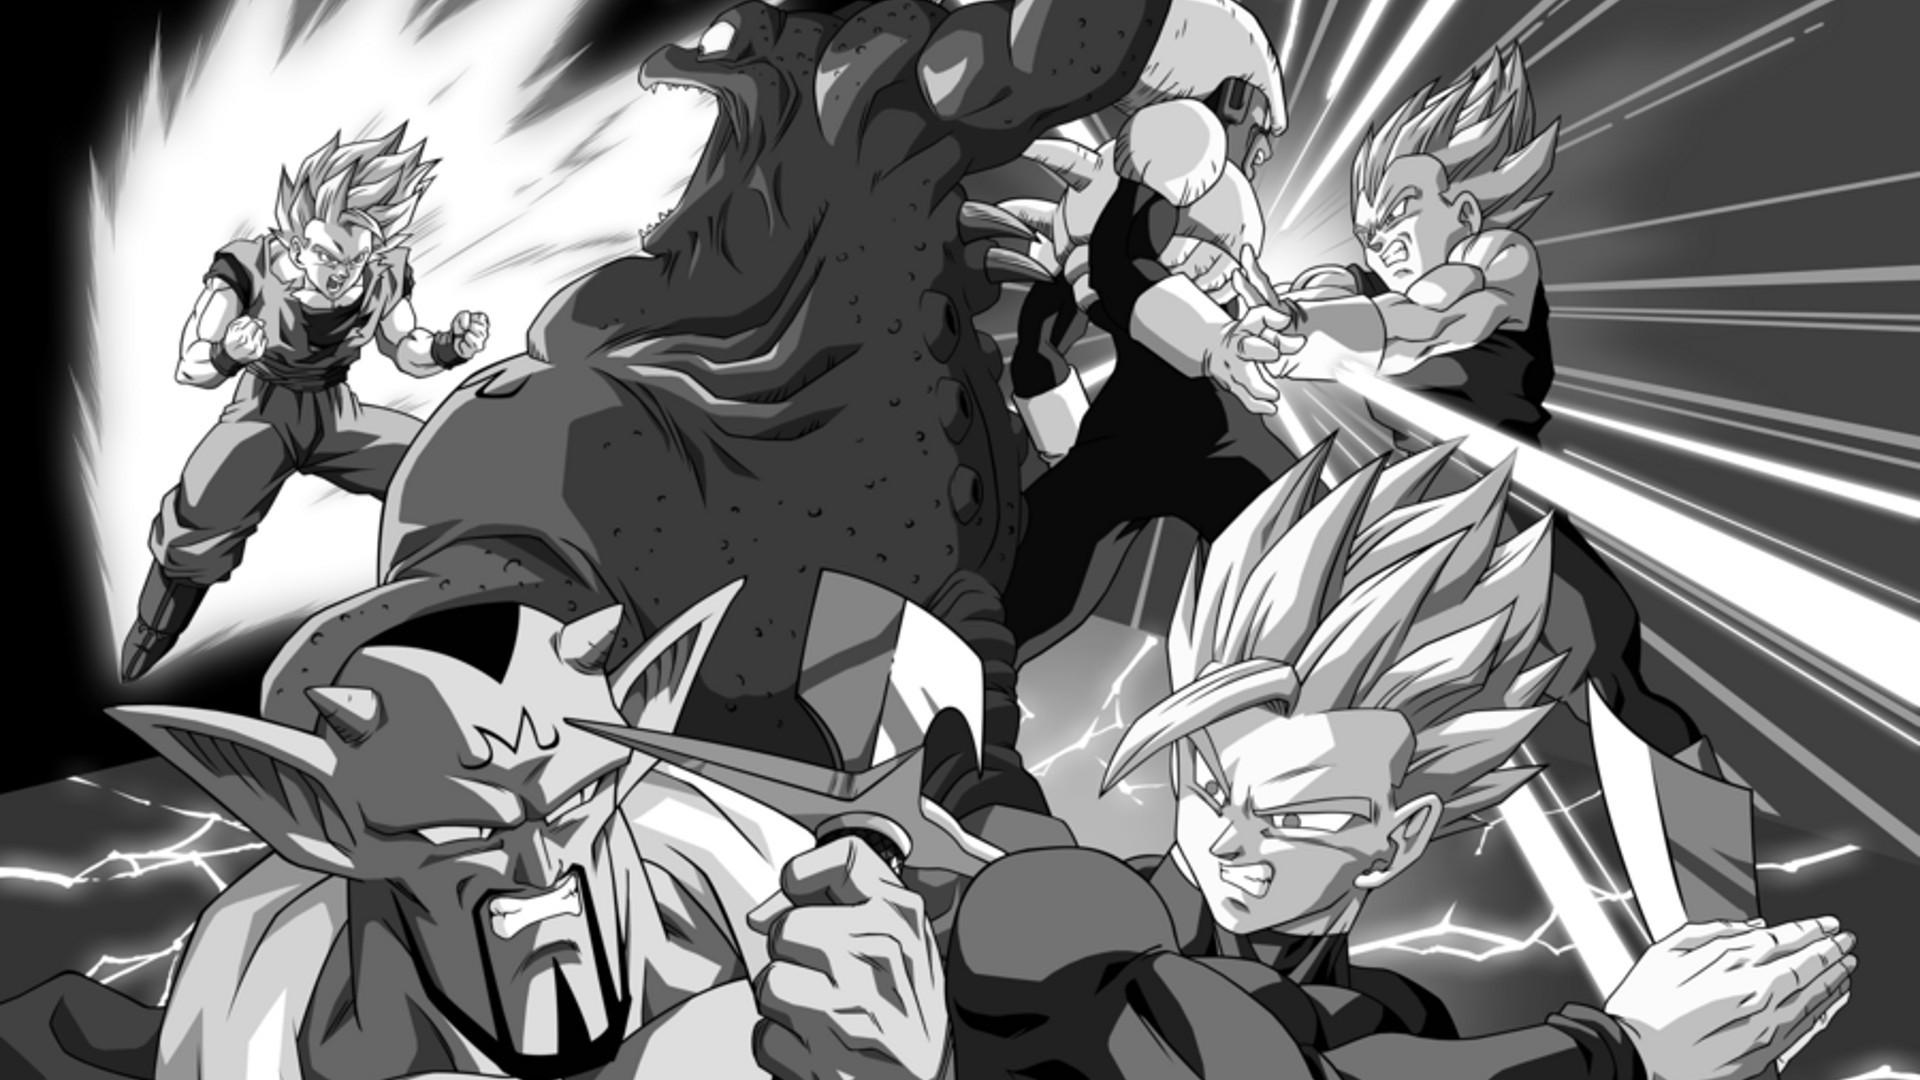 Fond Décran Illustration Monochrome Anime Dessin Animé